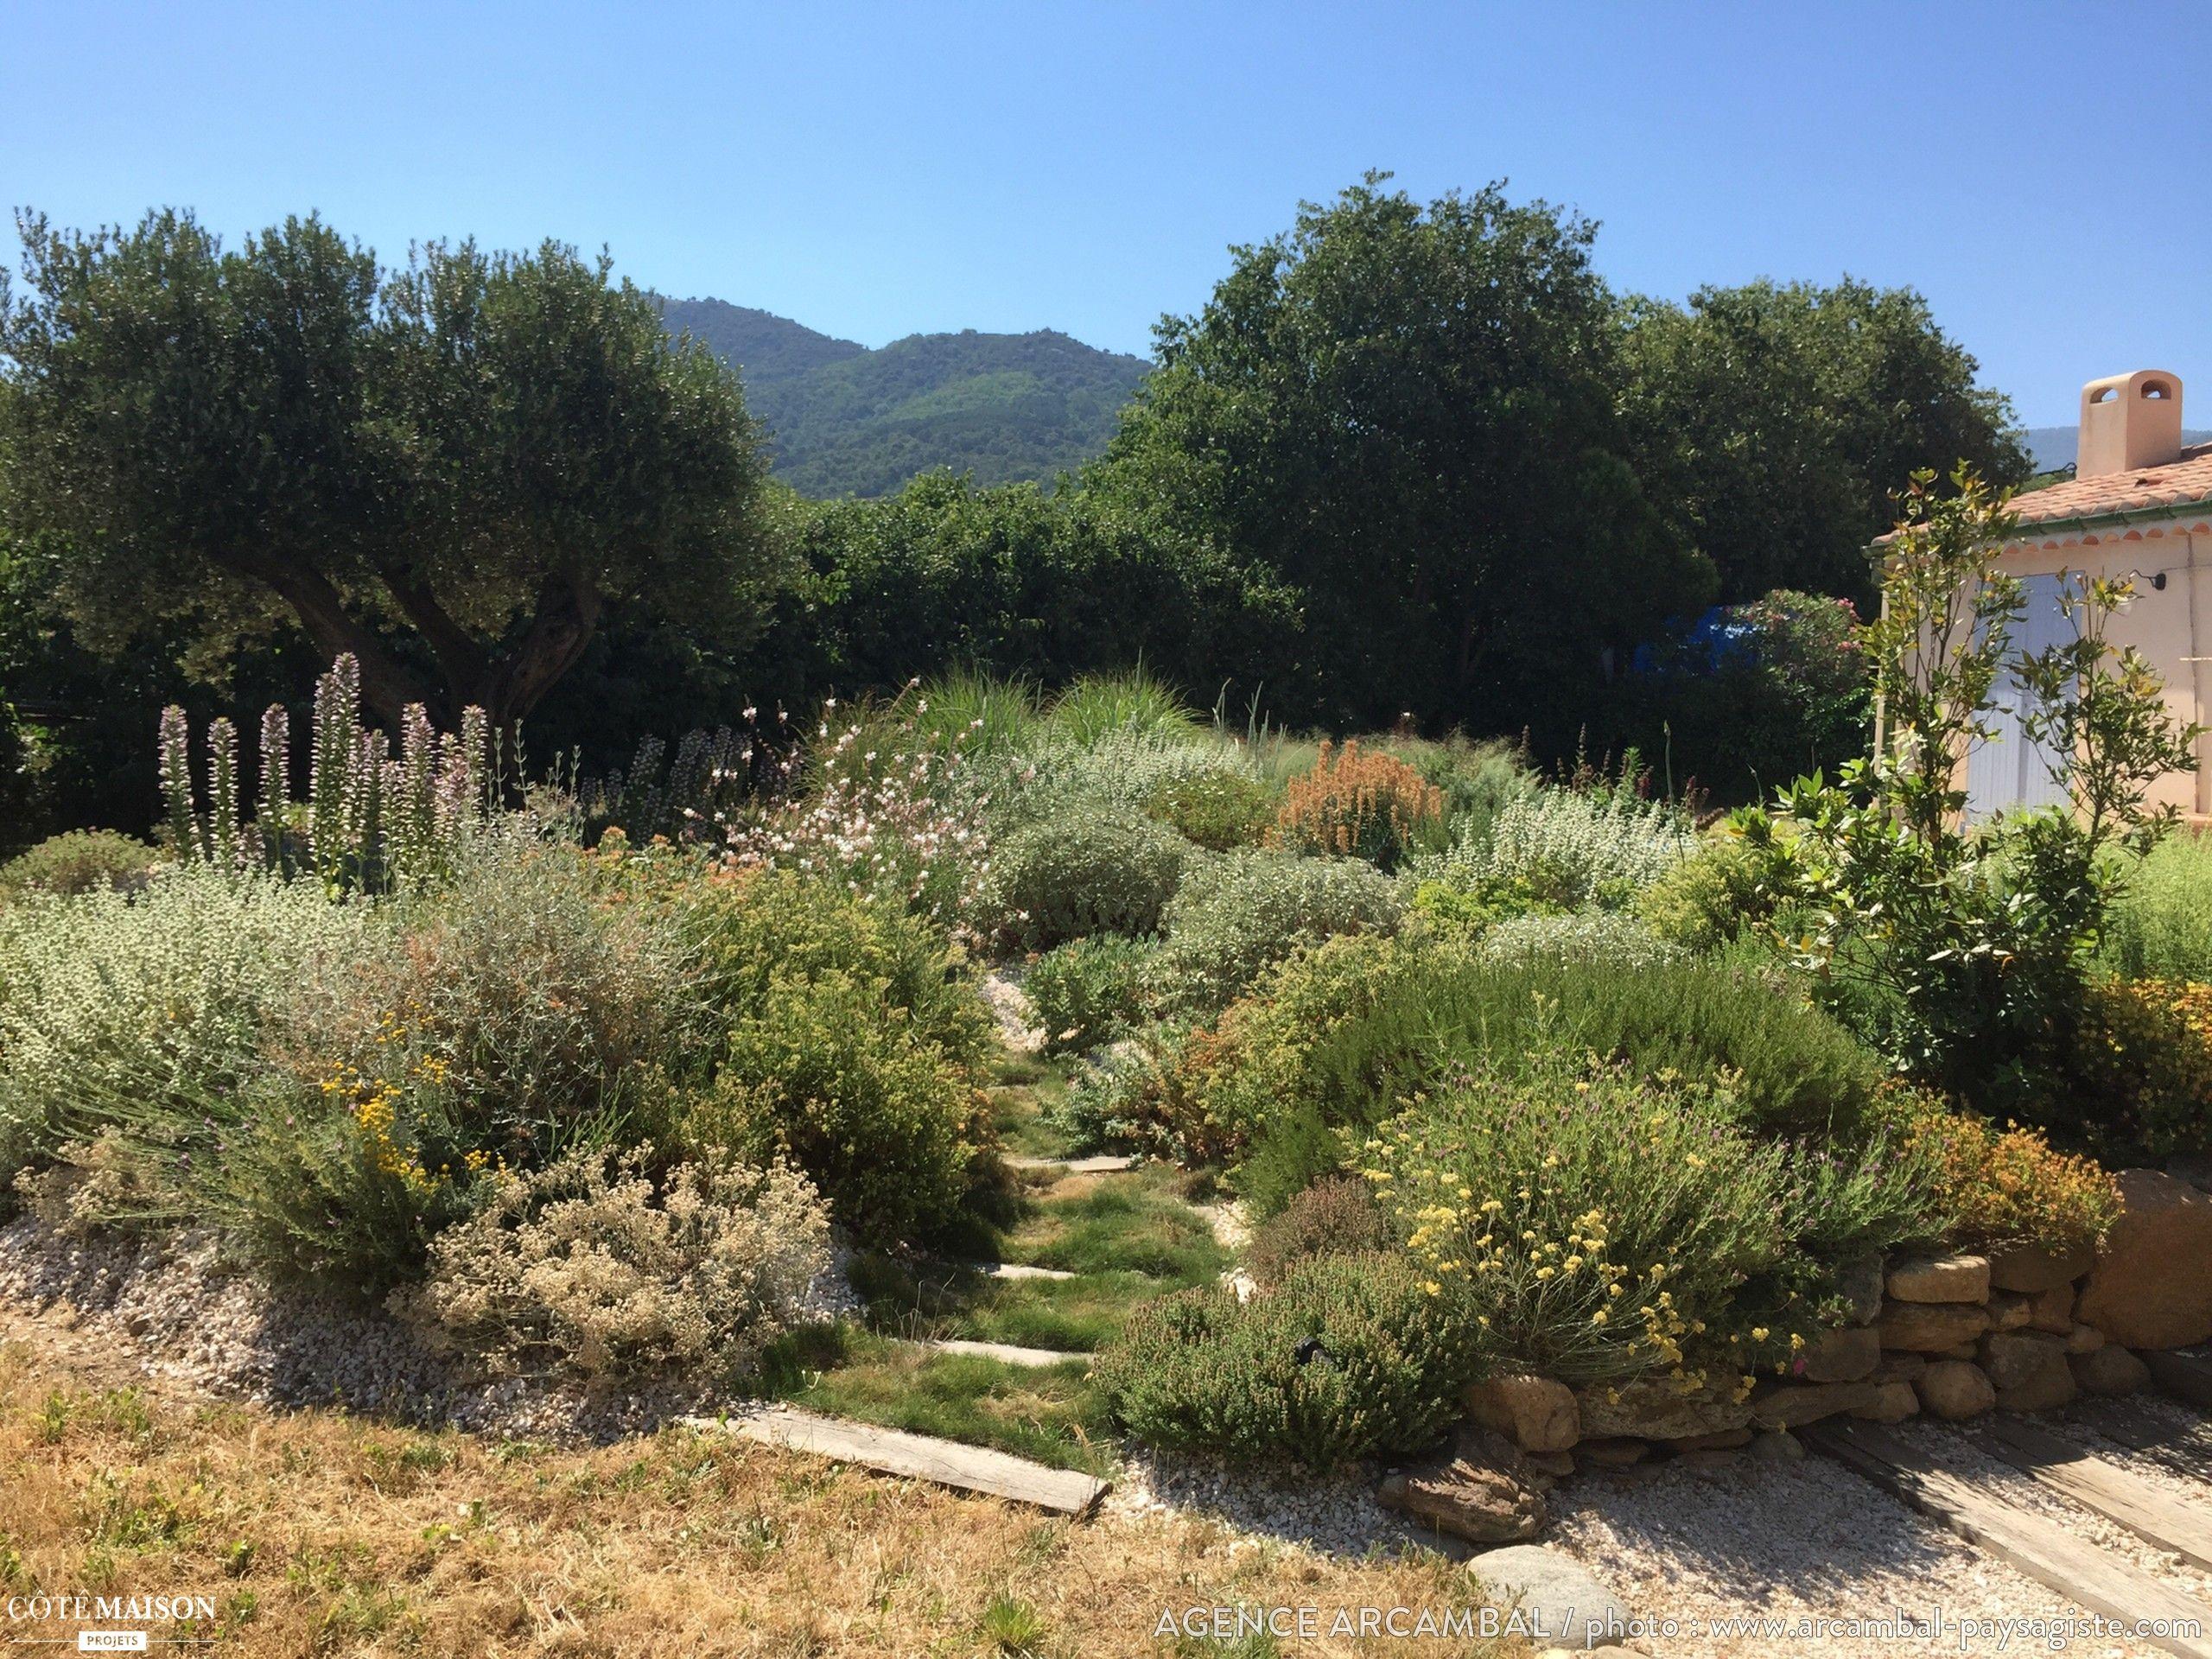 ralisation et conception dun jardin sec autour dune piscine dans un espace - Conception D Une Piscine